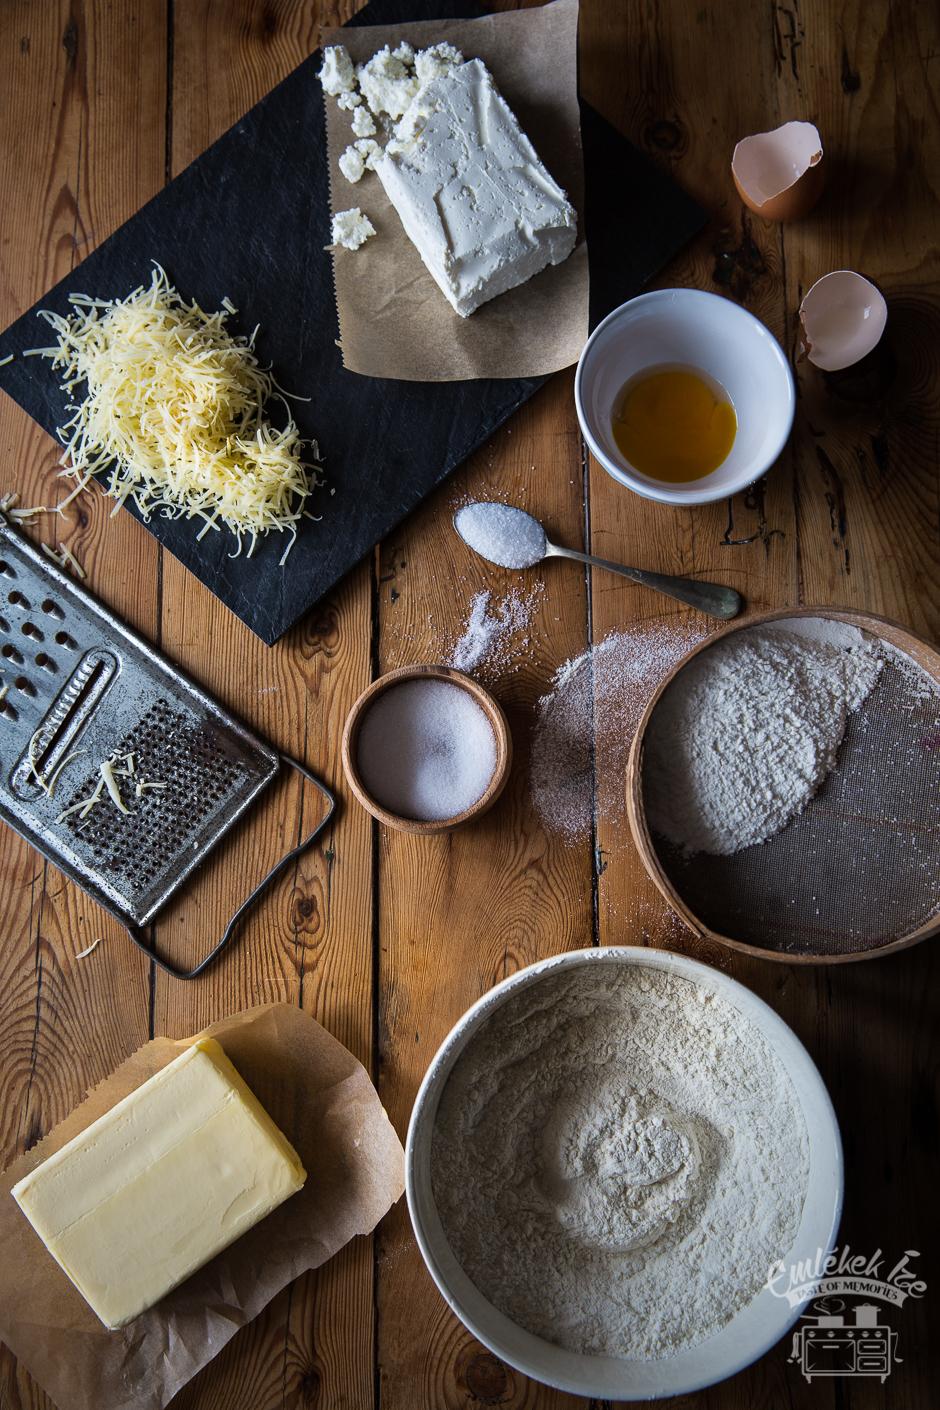 túrós pogácsa az Emlékek Íze konyhájából